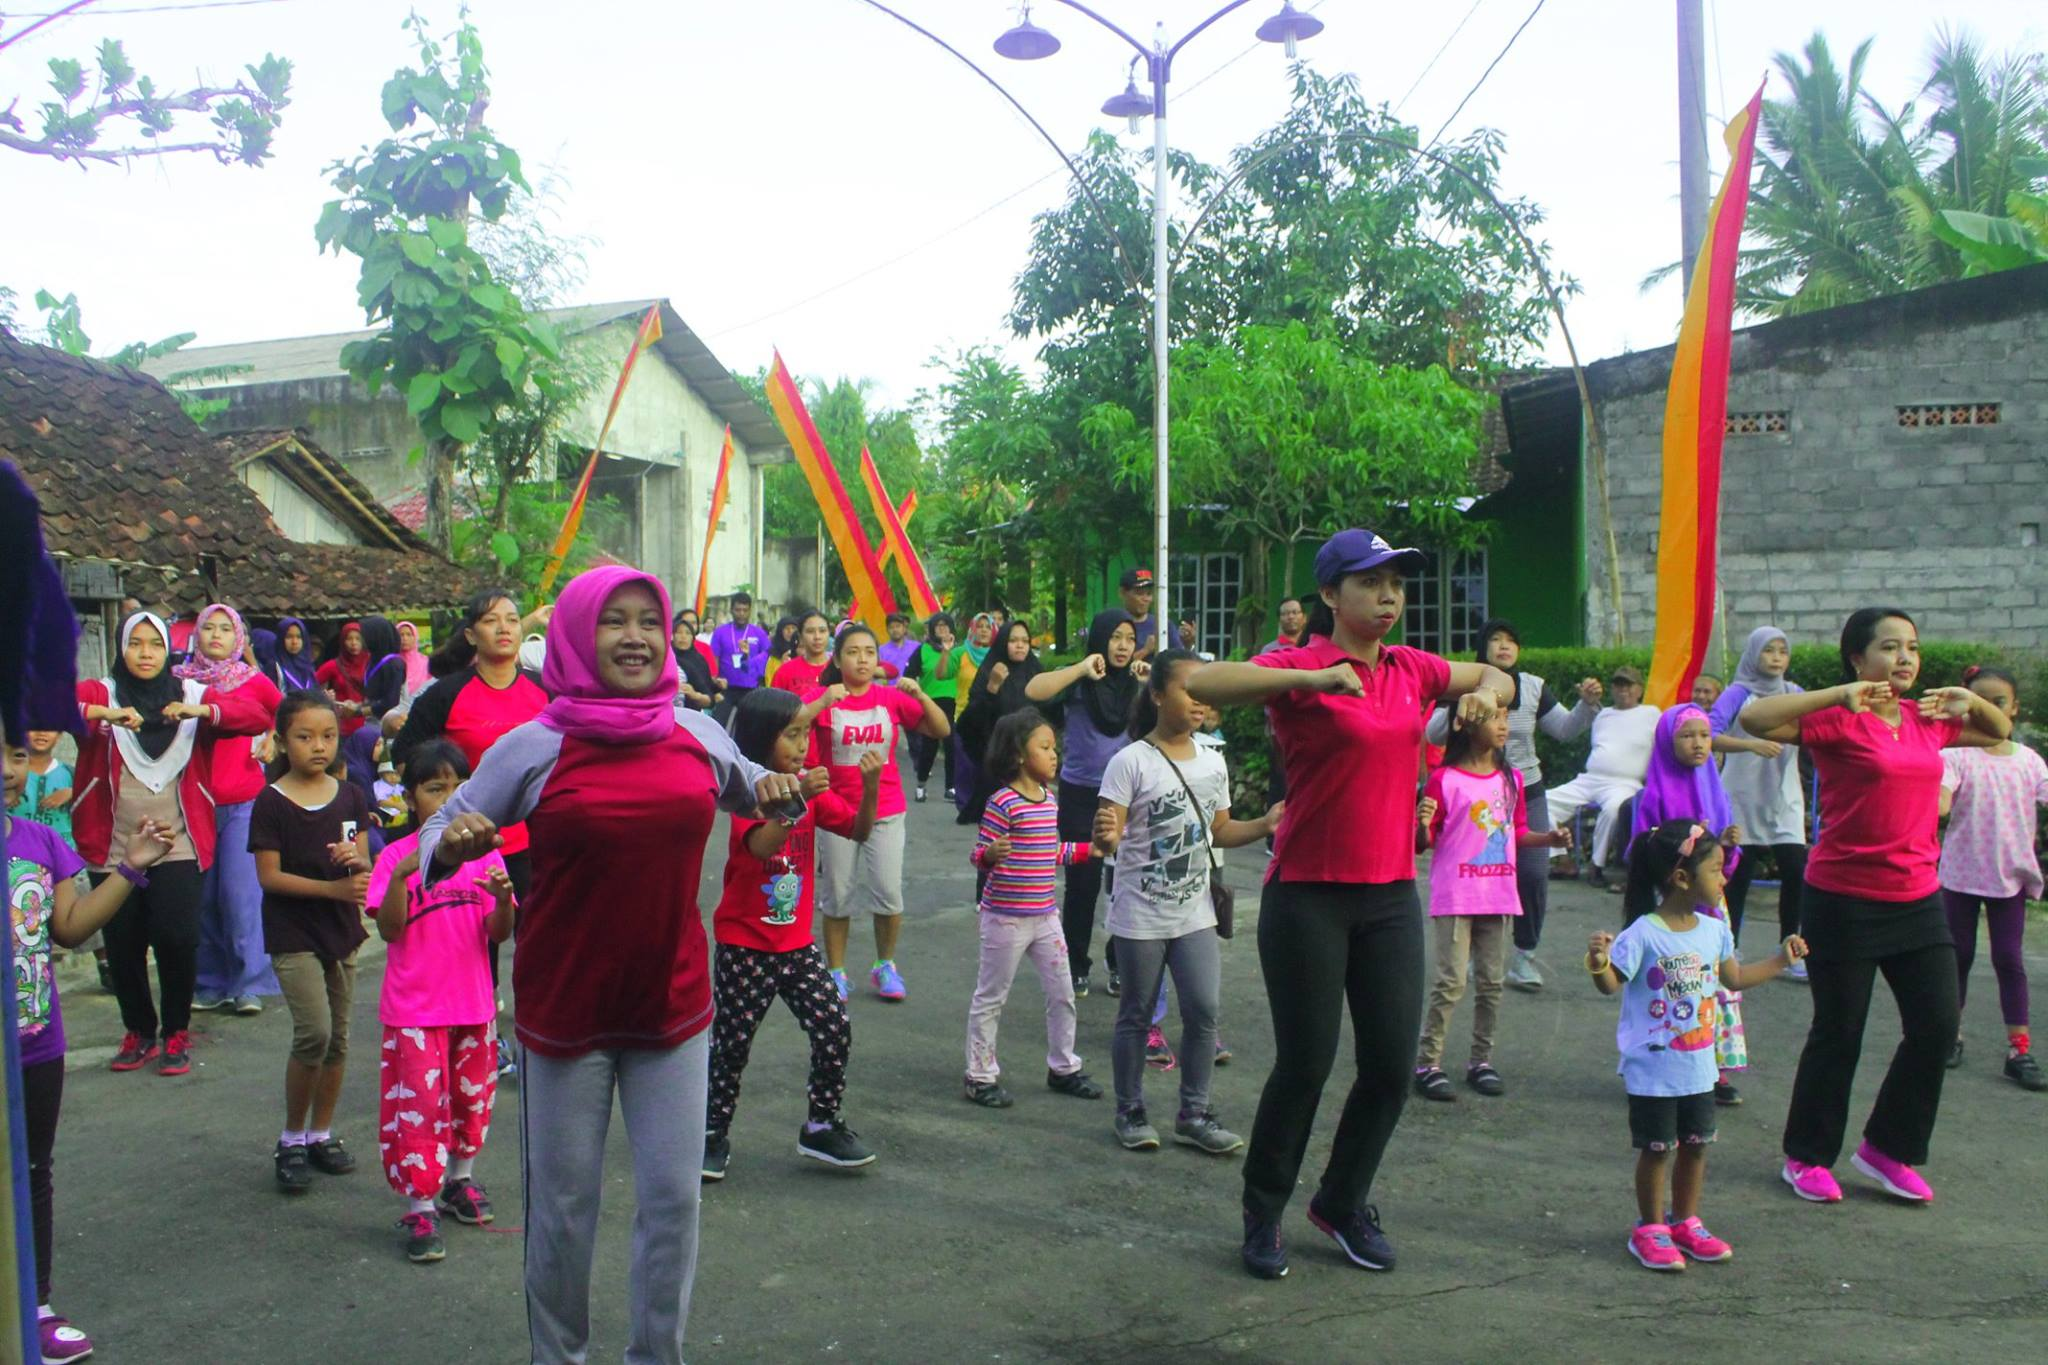 Peringati Hari Sumpah Pemuda, Warga RT 07 Bansari Adakan Senam Massal & Jalan Sehat